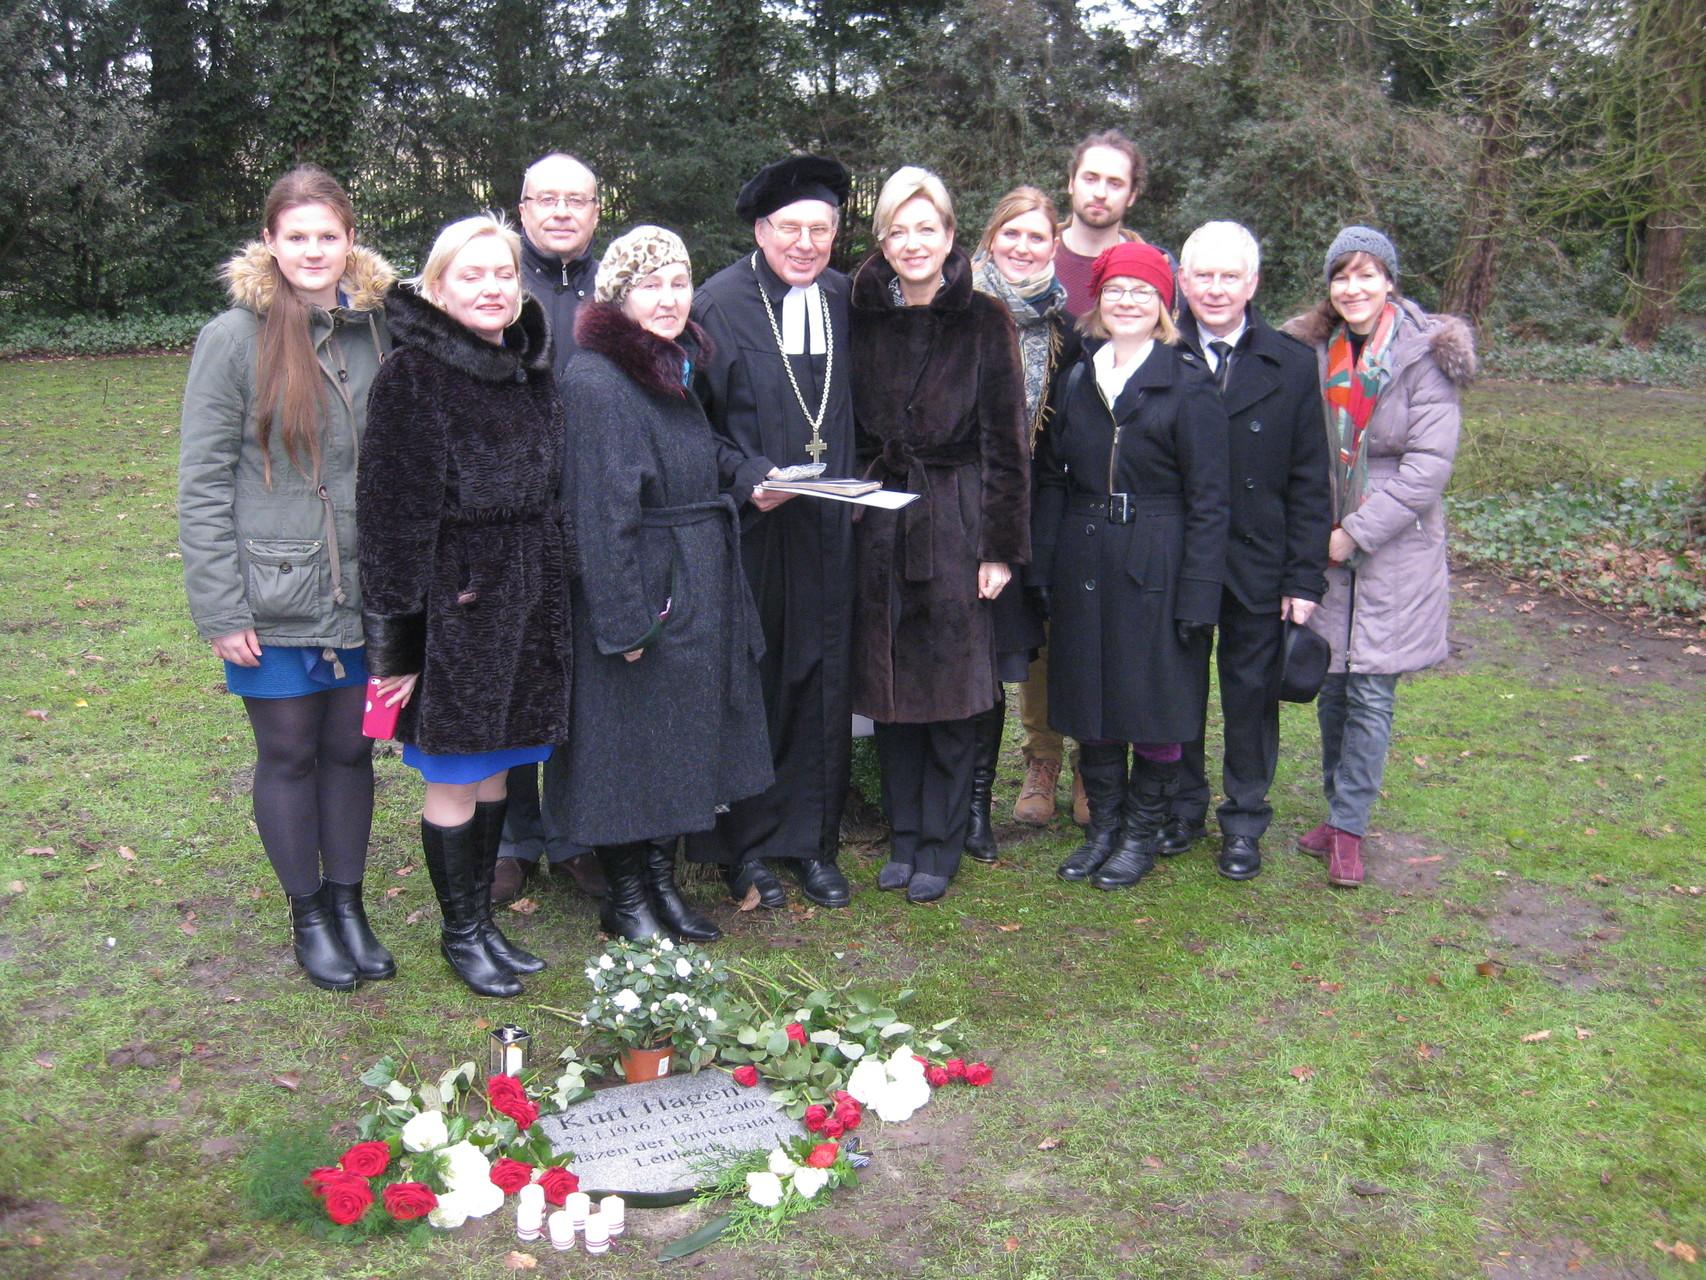 Piemiņas sarīkojuma dalībnieki pie Kurta Hāgena kapa